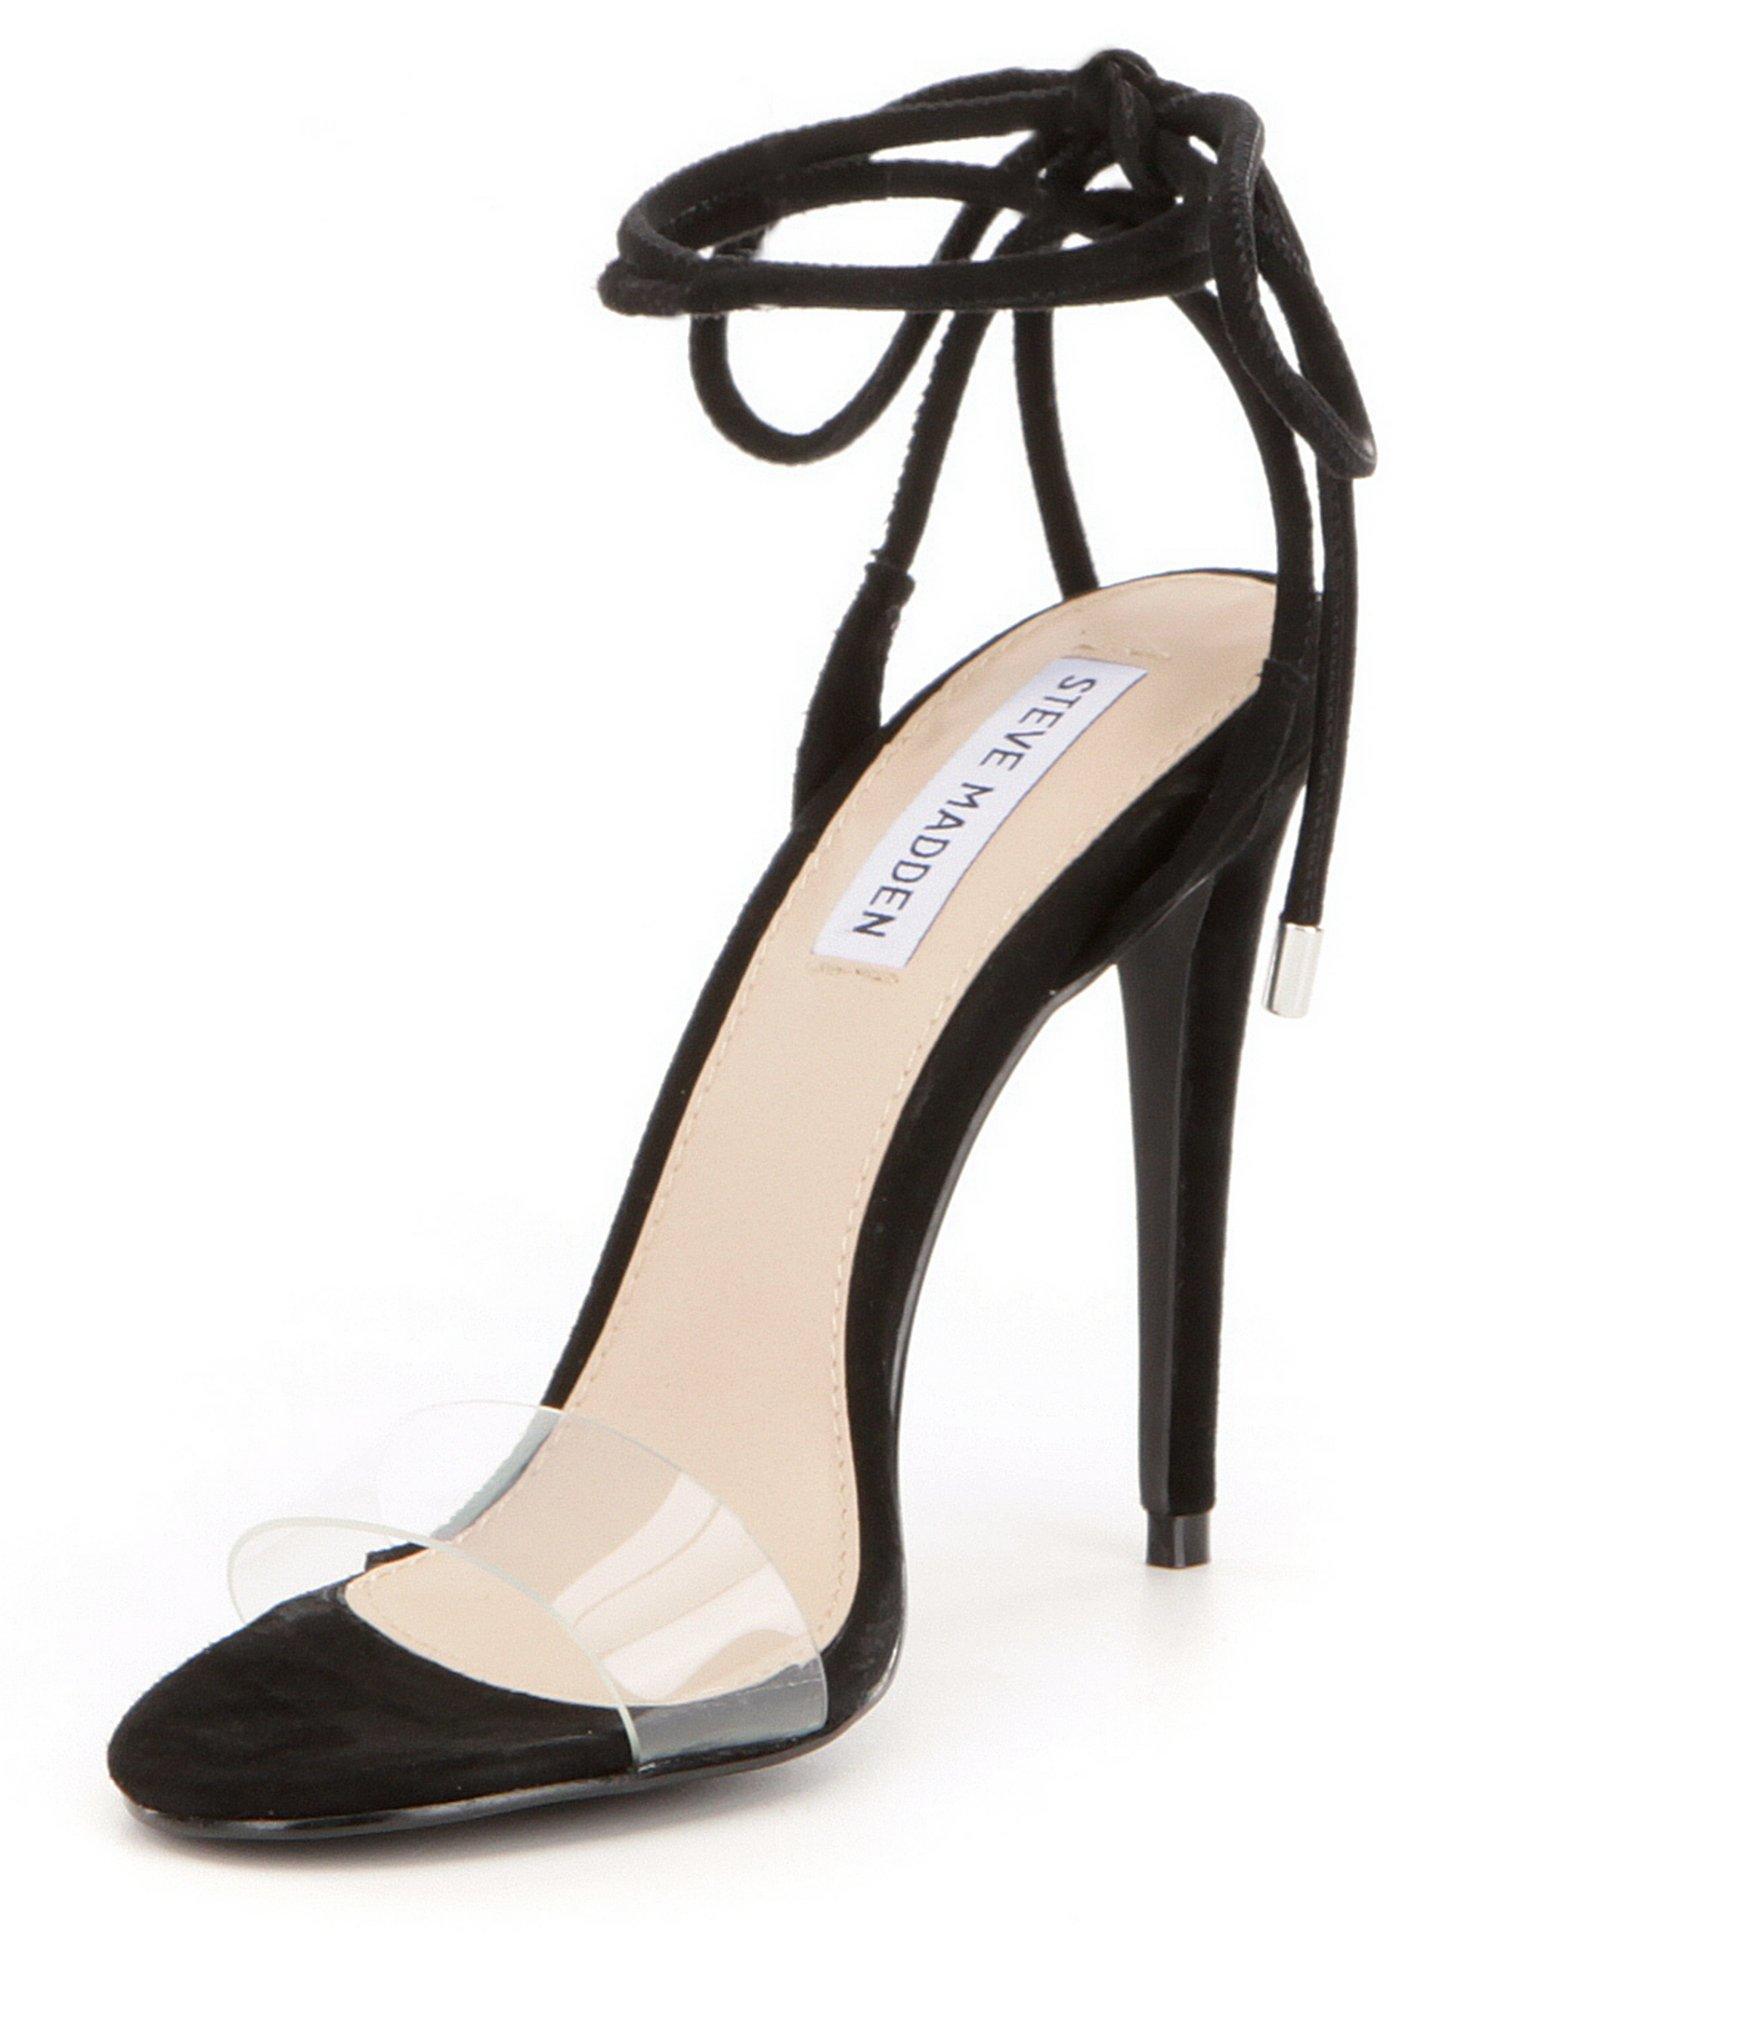 0ce85584e89 Lyst - Steve Madden Lyla Ankle Tie Dress Sandals in Black